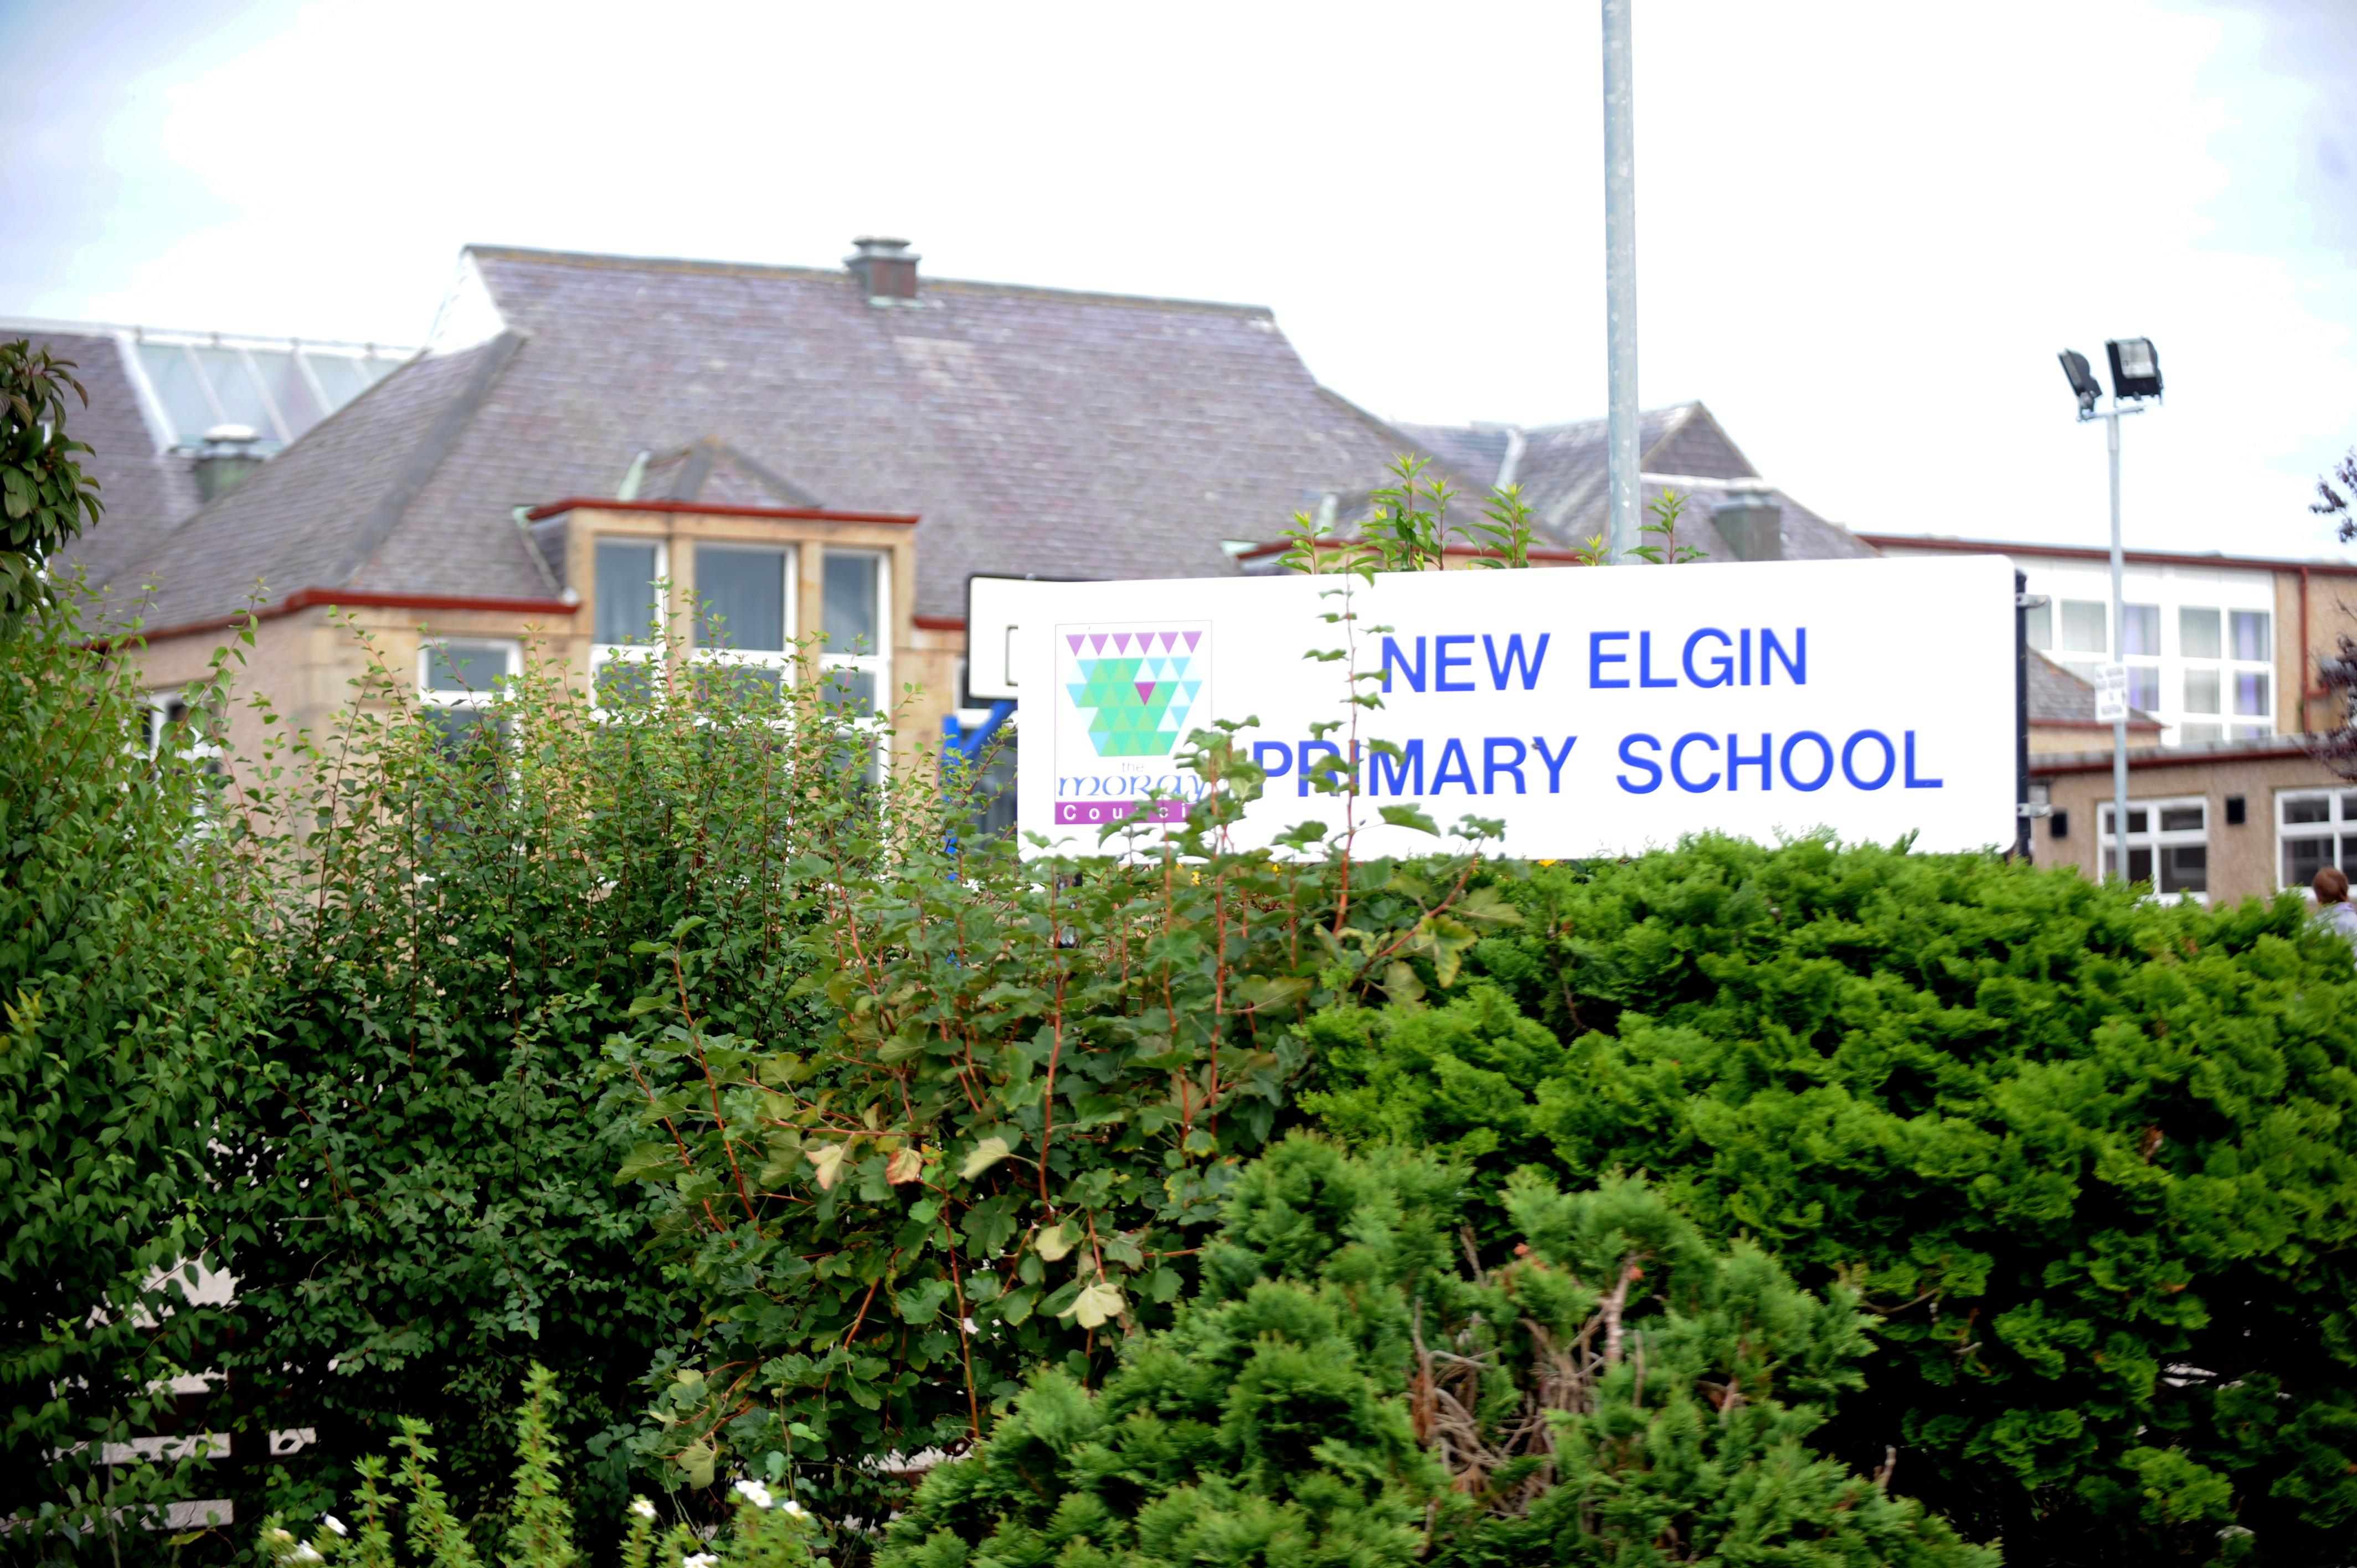 New Elgin Primary School